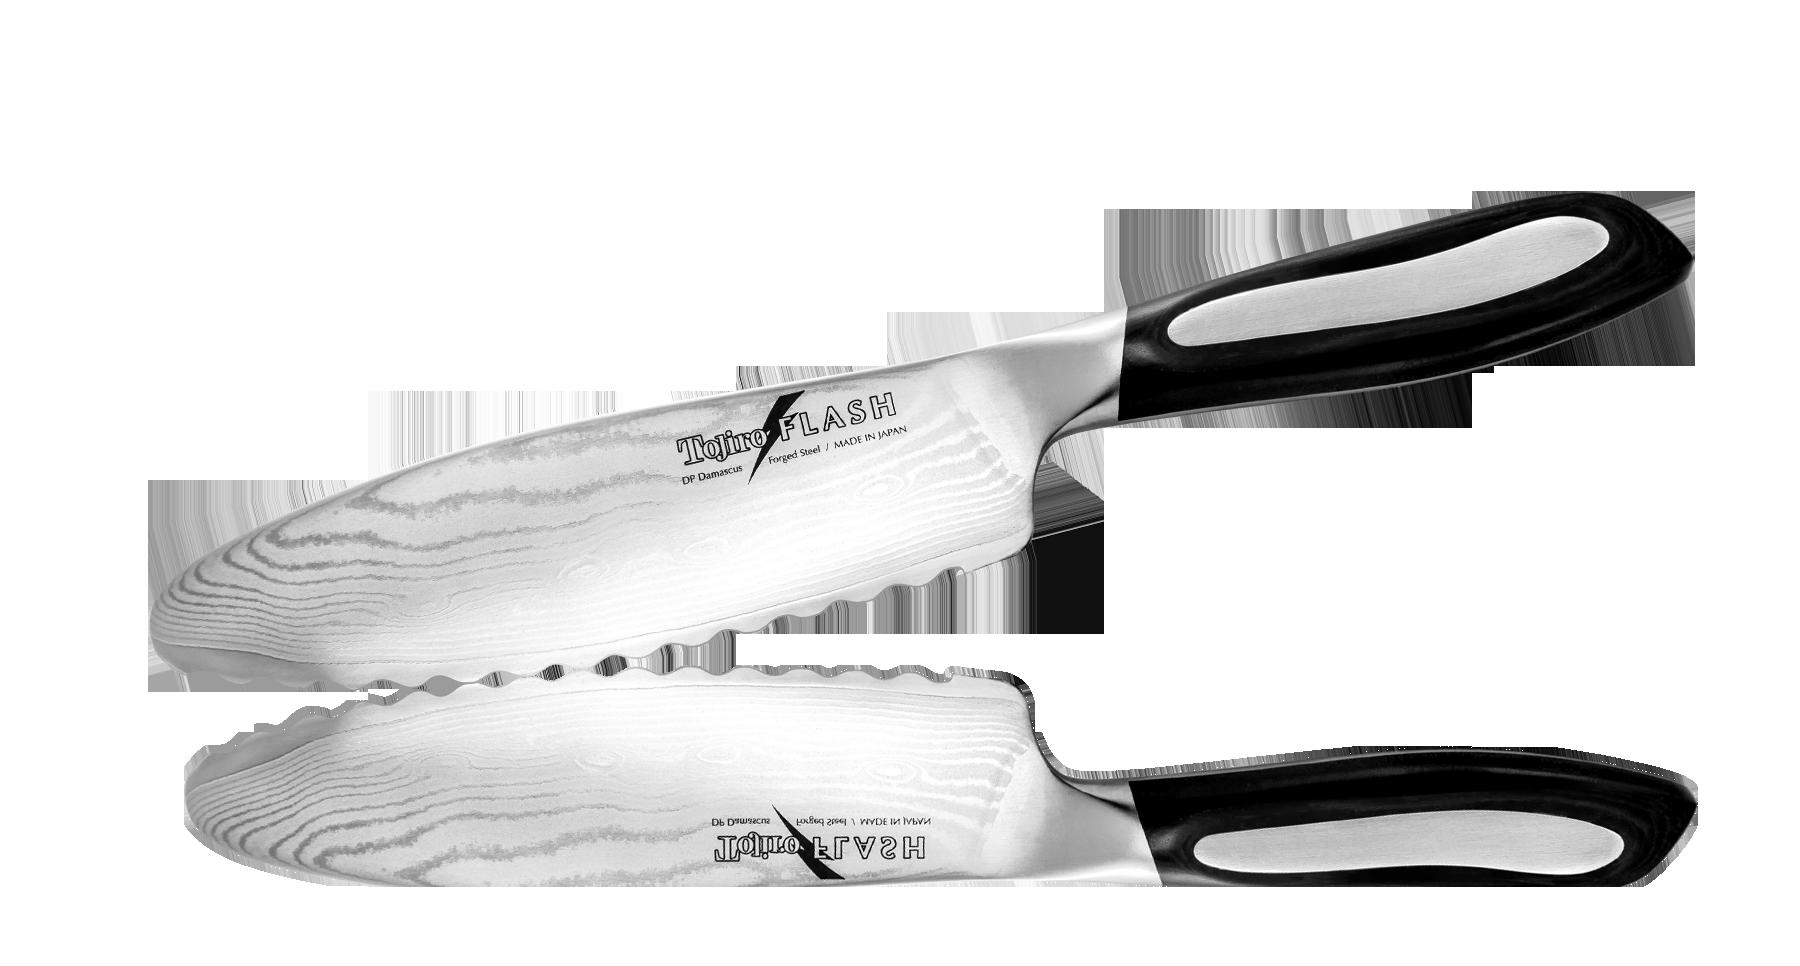 Нож-серрейтор Универсальный Tojiro Flash 150 мм, сталь VG-10Нож Универсальный Tojiro Flash 150 мм, сталь VG-10